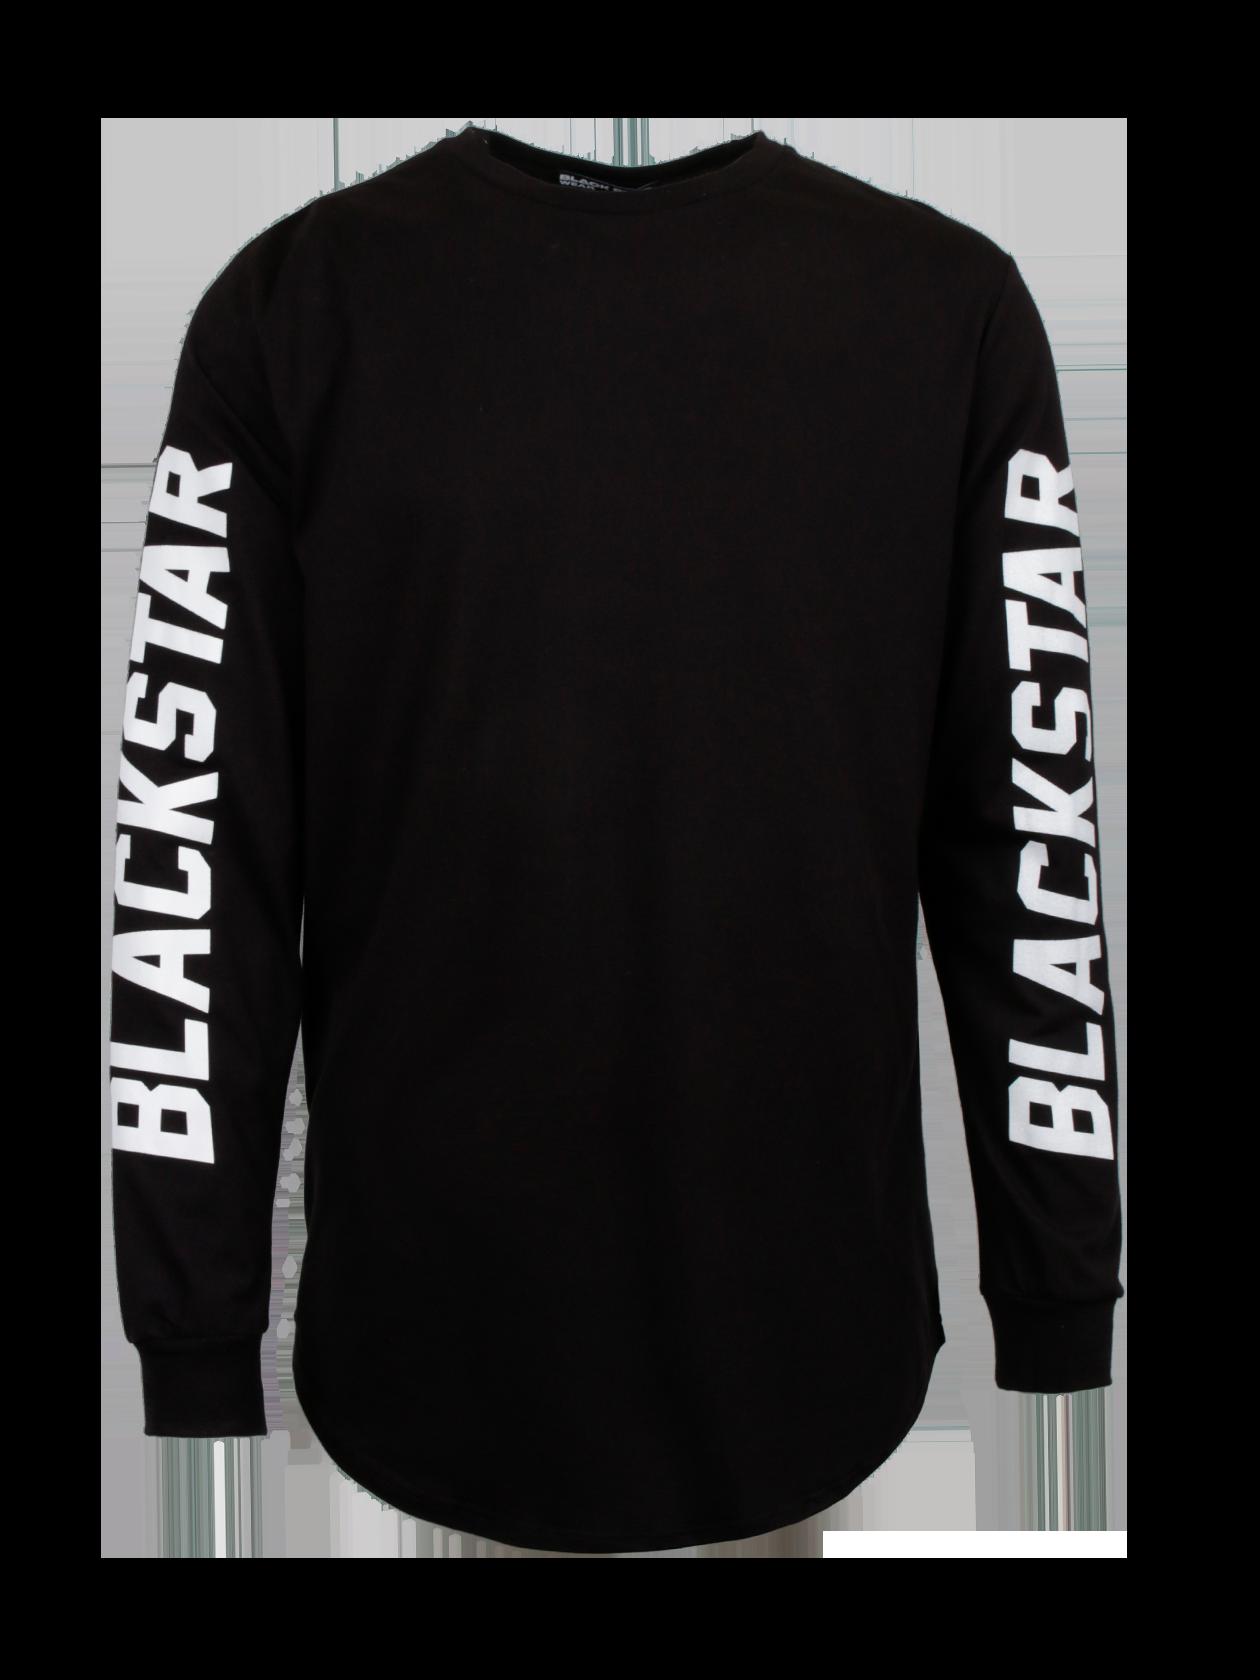 Лонгслив мужской HARAJUKUЛонгслив мужской Harajuku – стильная и комфортная вещь от бренда Black Star Wear. Традиционный прямой свободный крой, удлиненный силуэт, закругленная форма низа. Линия соединения плеча с рукавом слегка опущена, манжеты оформлены гофрированным фиксирующим трикотажем. Модель выполнена в черном цвете, дополнена белыми надписями Black Star на рукавах. Особенность изделия заключается в материале пошива – элитном натуральном хлопке, обеспечивающем износоустойчивость вещи. Отлично подходит для повседневного гардероба.<br><br>Размер: M<br>Цвет: Черный<br>Пол: Мужской